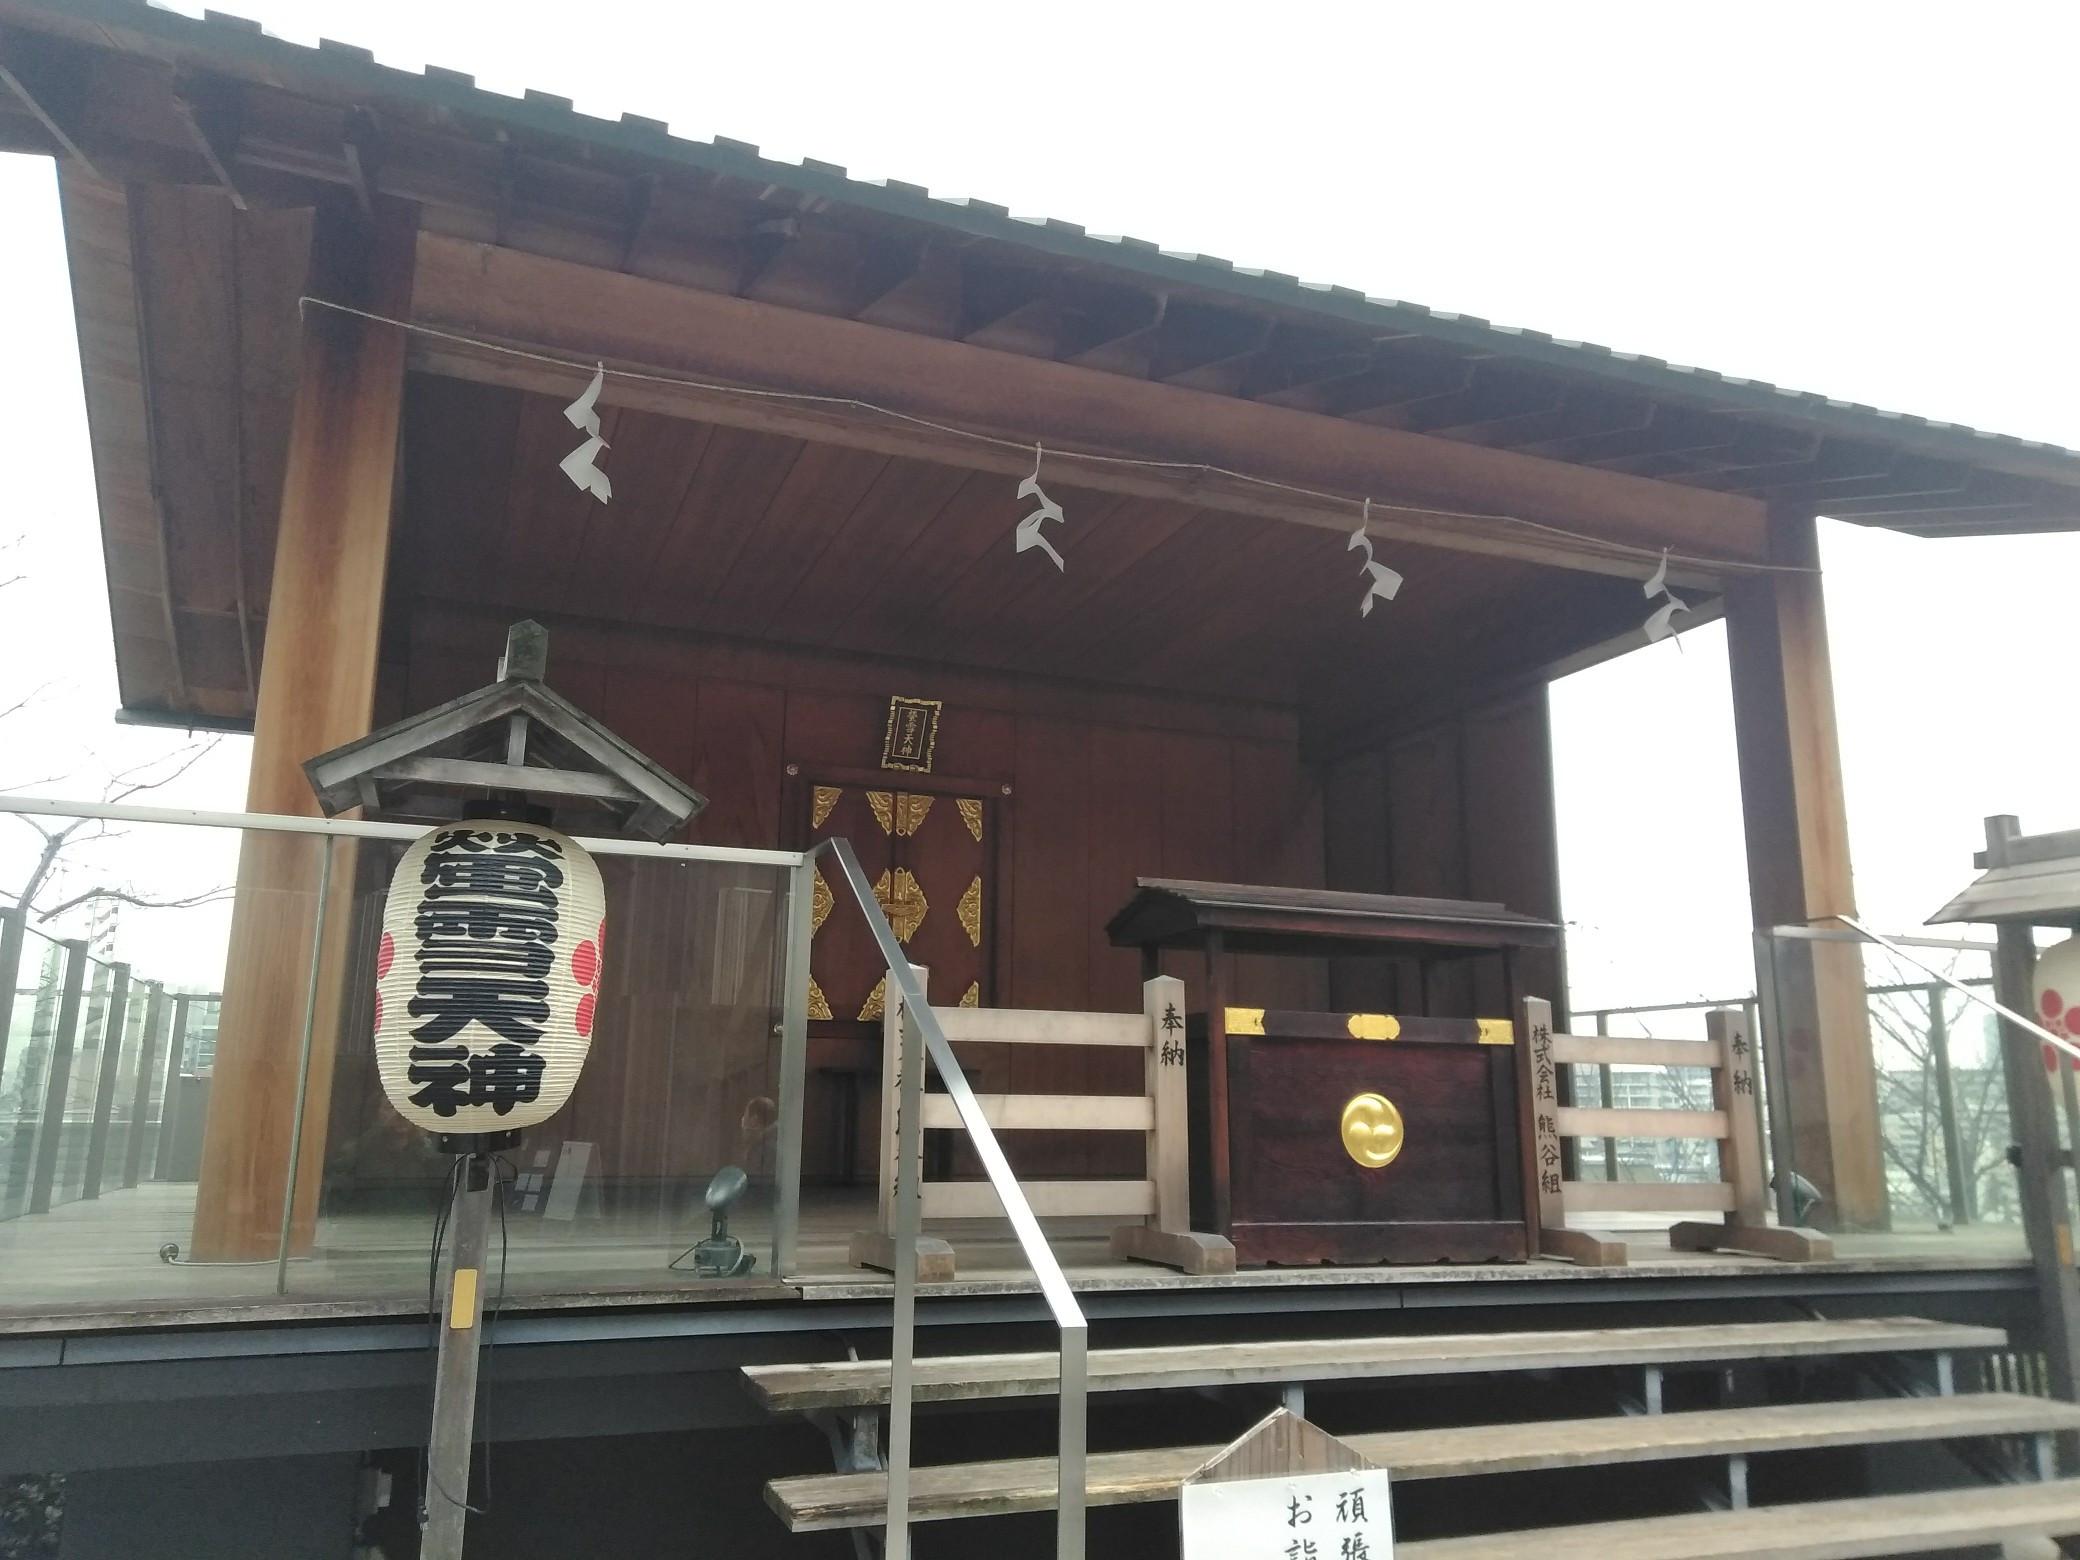 東京 コロナ 散歩 【東京都内】ゆったり散歩におすすめのエリア5選。自然・下町・おしゃれスポットも♪|じゃらんニュース